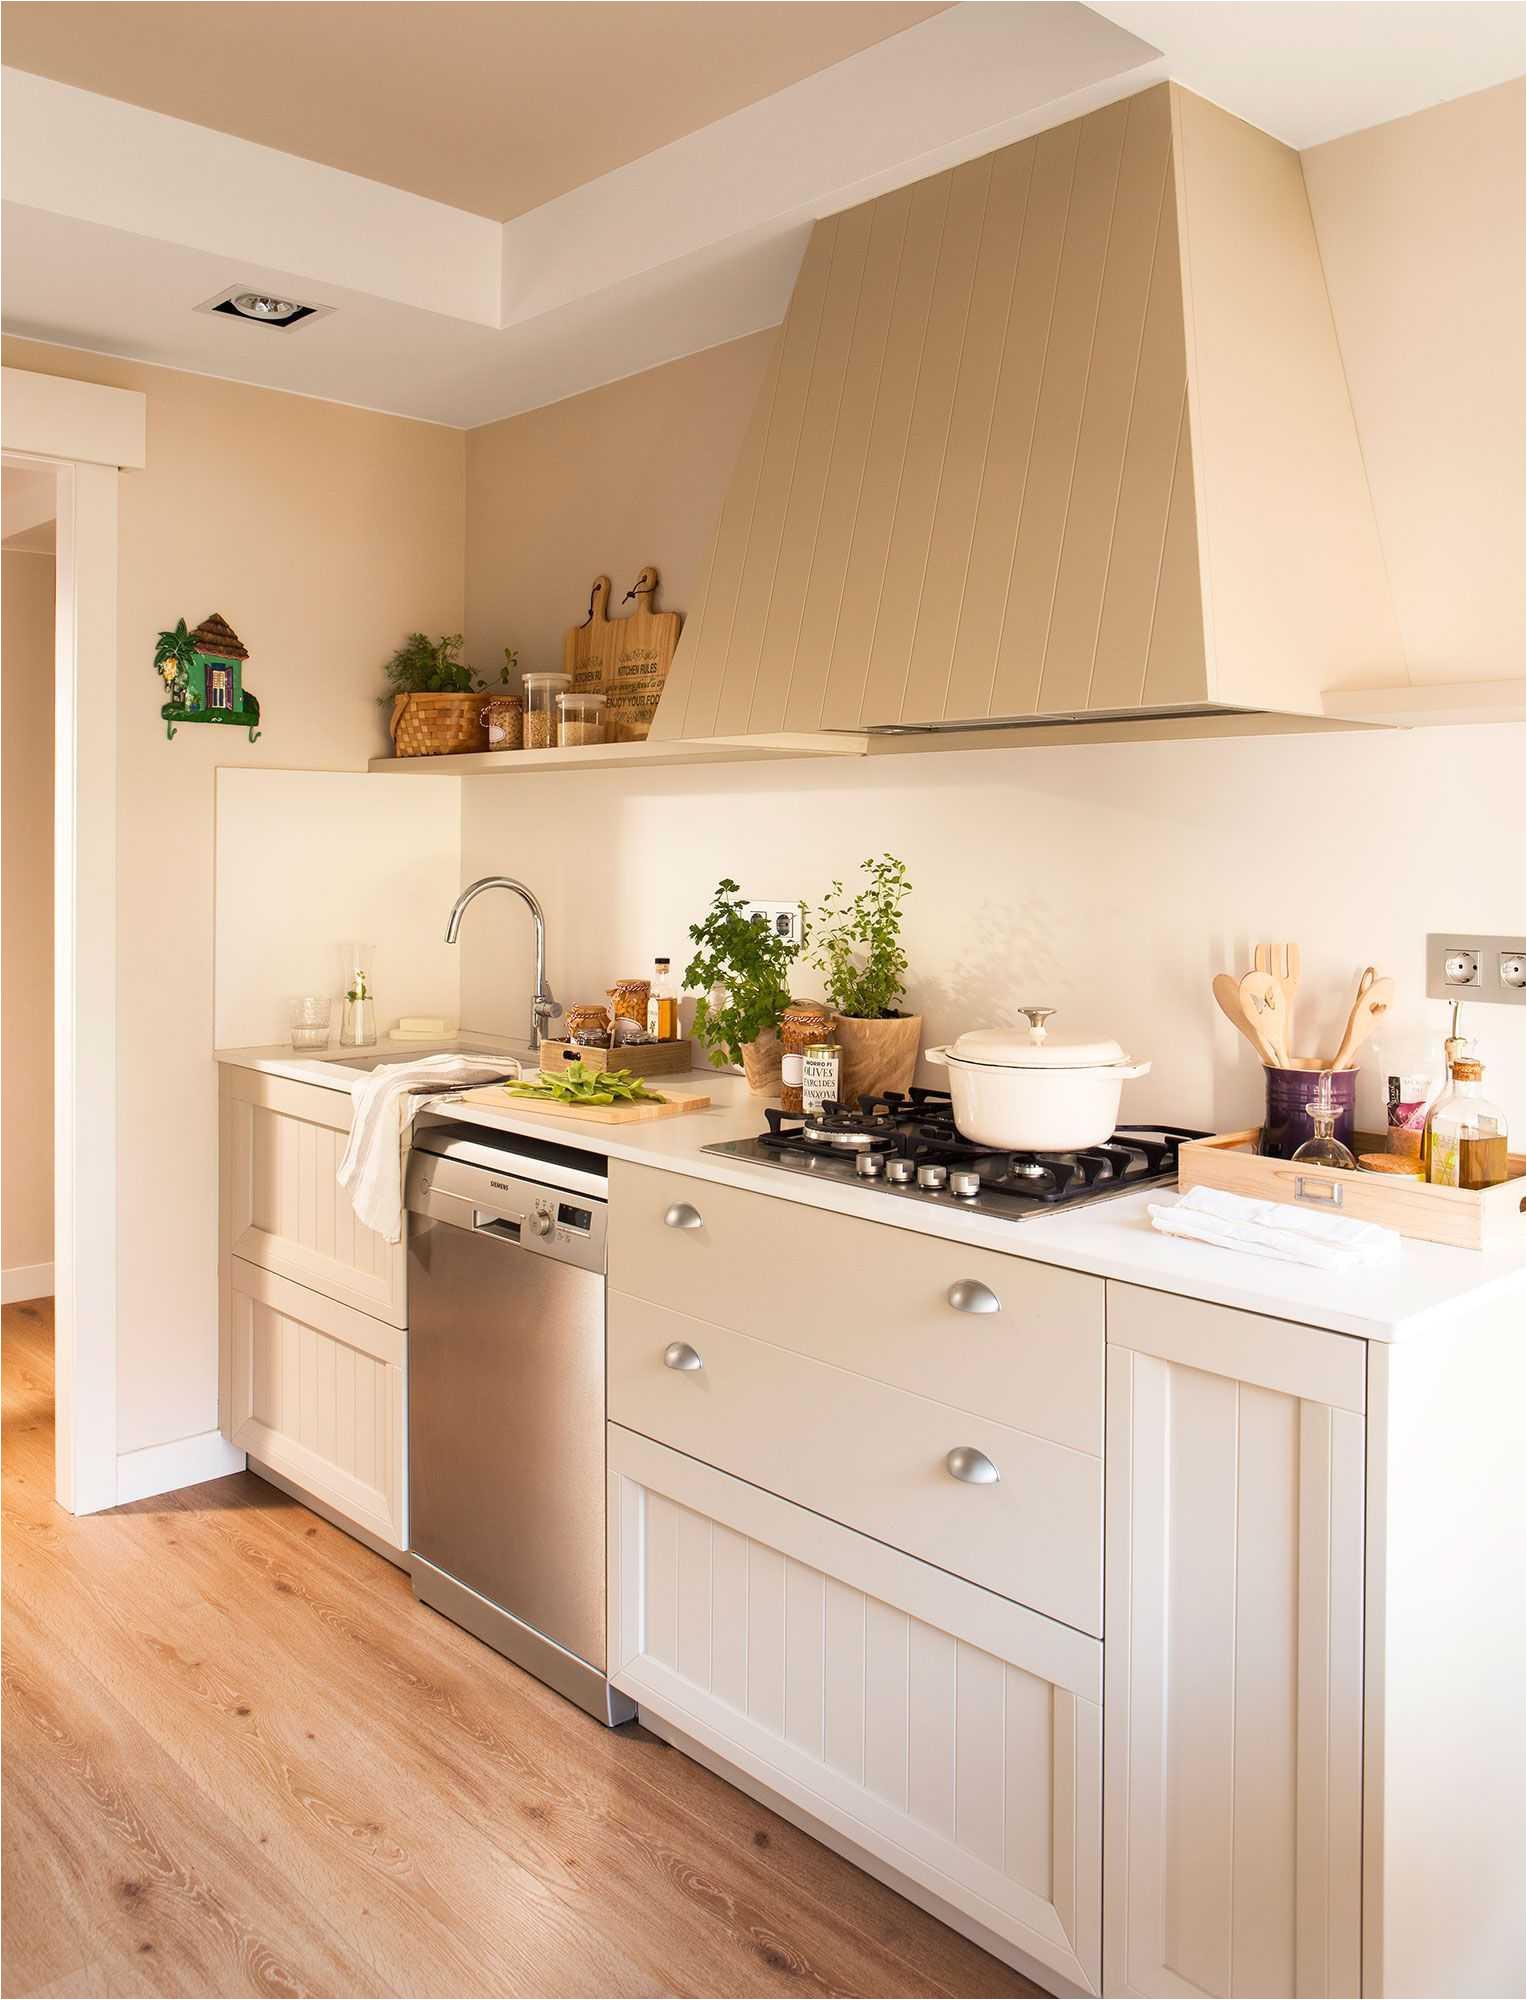 cheap cocina barra el mueble ideas planos para cocinas pequeas imagenes cocinar carne molida en navidad with barras para cocinas pequeas